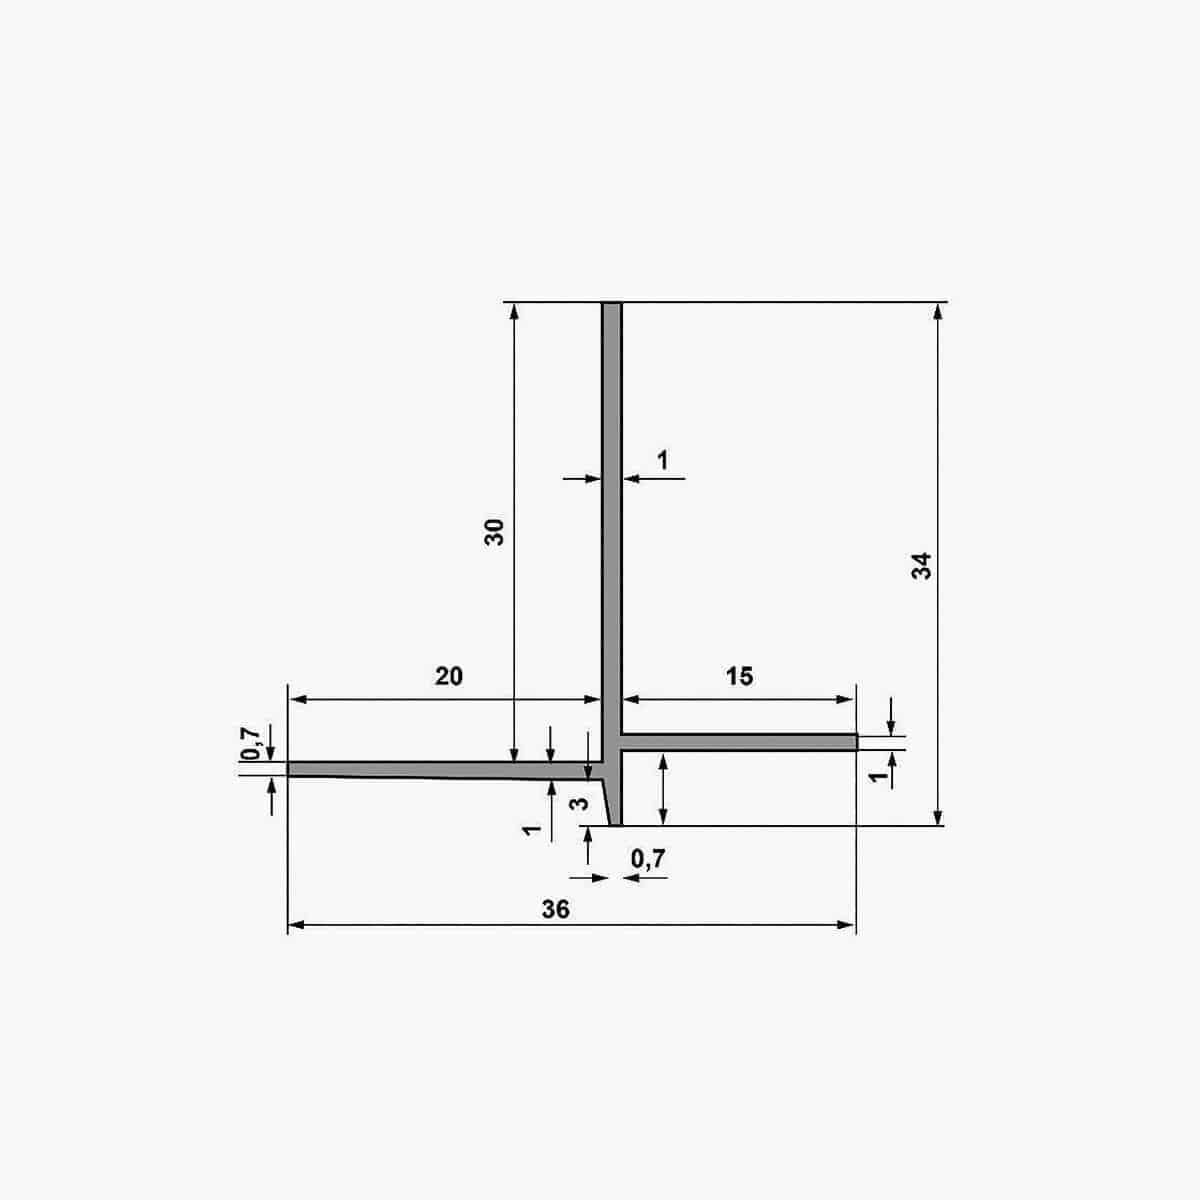 Nouveau-TEMPOLISTEL B101 Profilé de transition décaissé à enduire pour jonction faux plafond plaque de plâtre et démontable dimensions